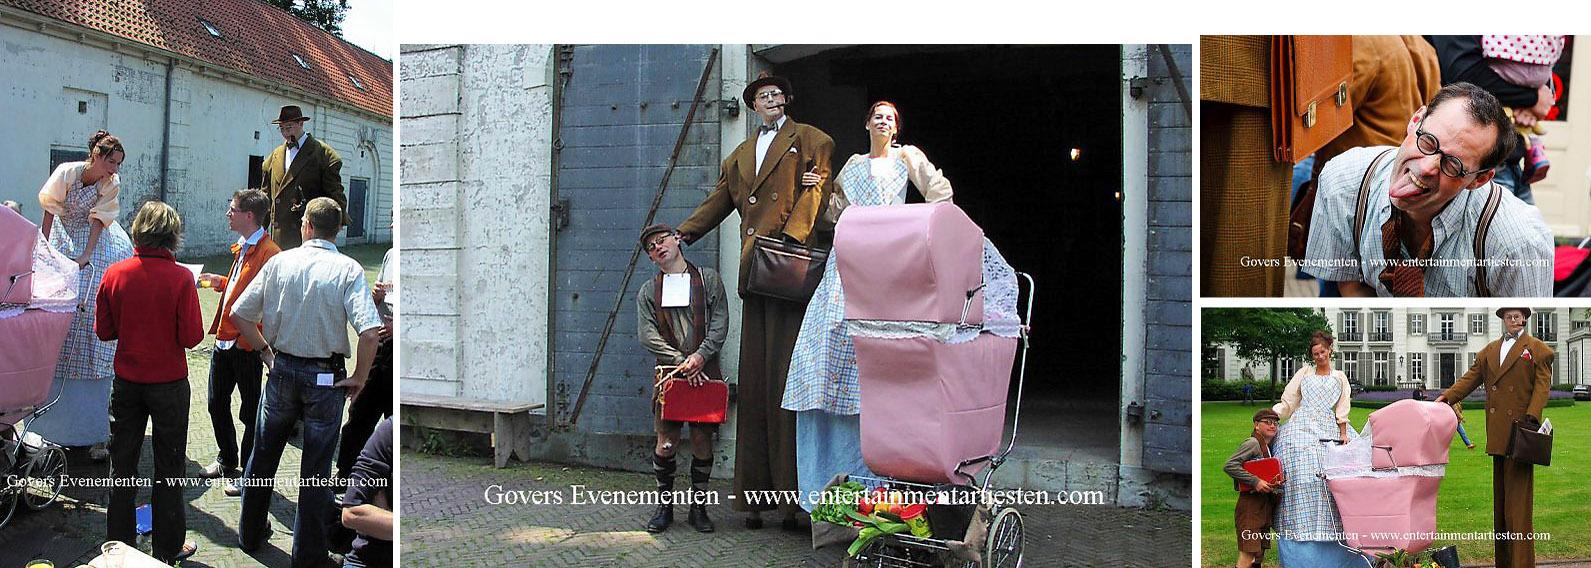 Straattheater, Steltenact, steltenlopers, Terug in de tijd, straatartiesten, themafeest, artiesten boeken, artiestenbureau, artiestenburo, themafeest, jaren 30,, jaren 50, Govers Evenementen, www.goversartiesten.nl